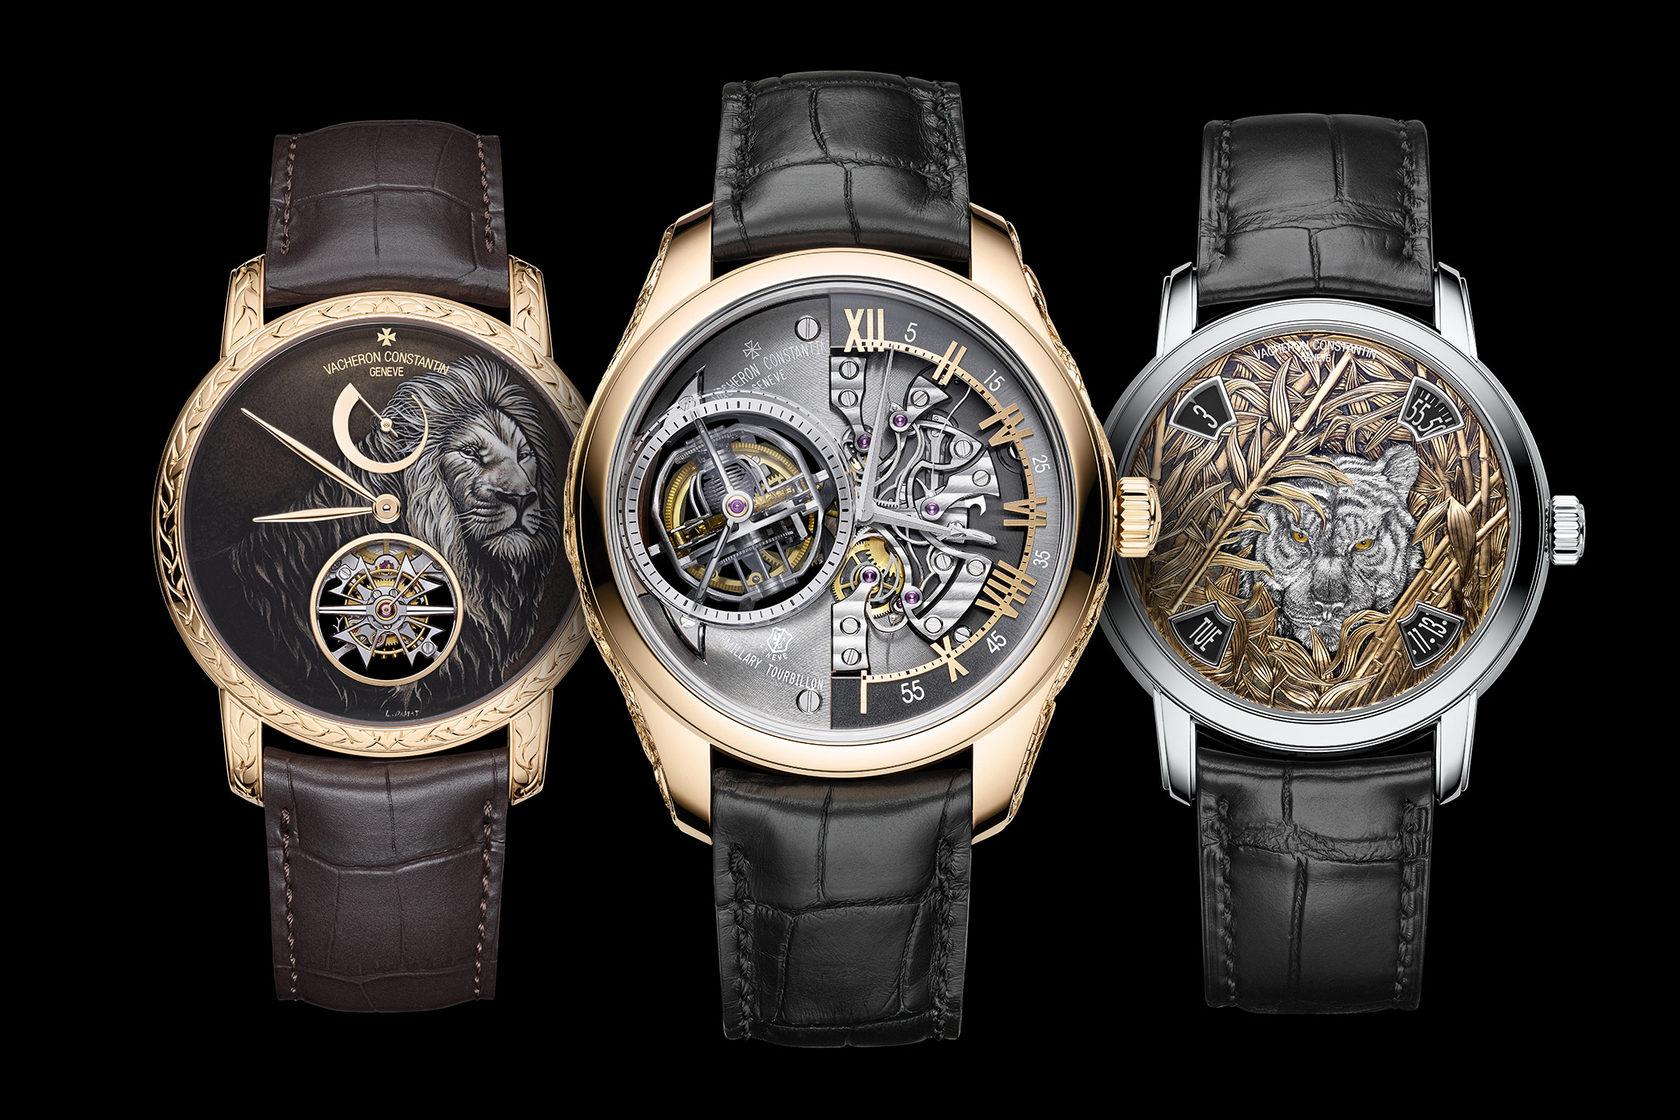 Б у швейцарских часов скупка час охраны один стоимость физической